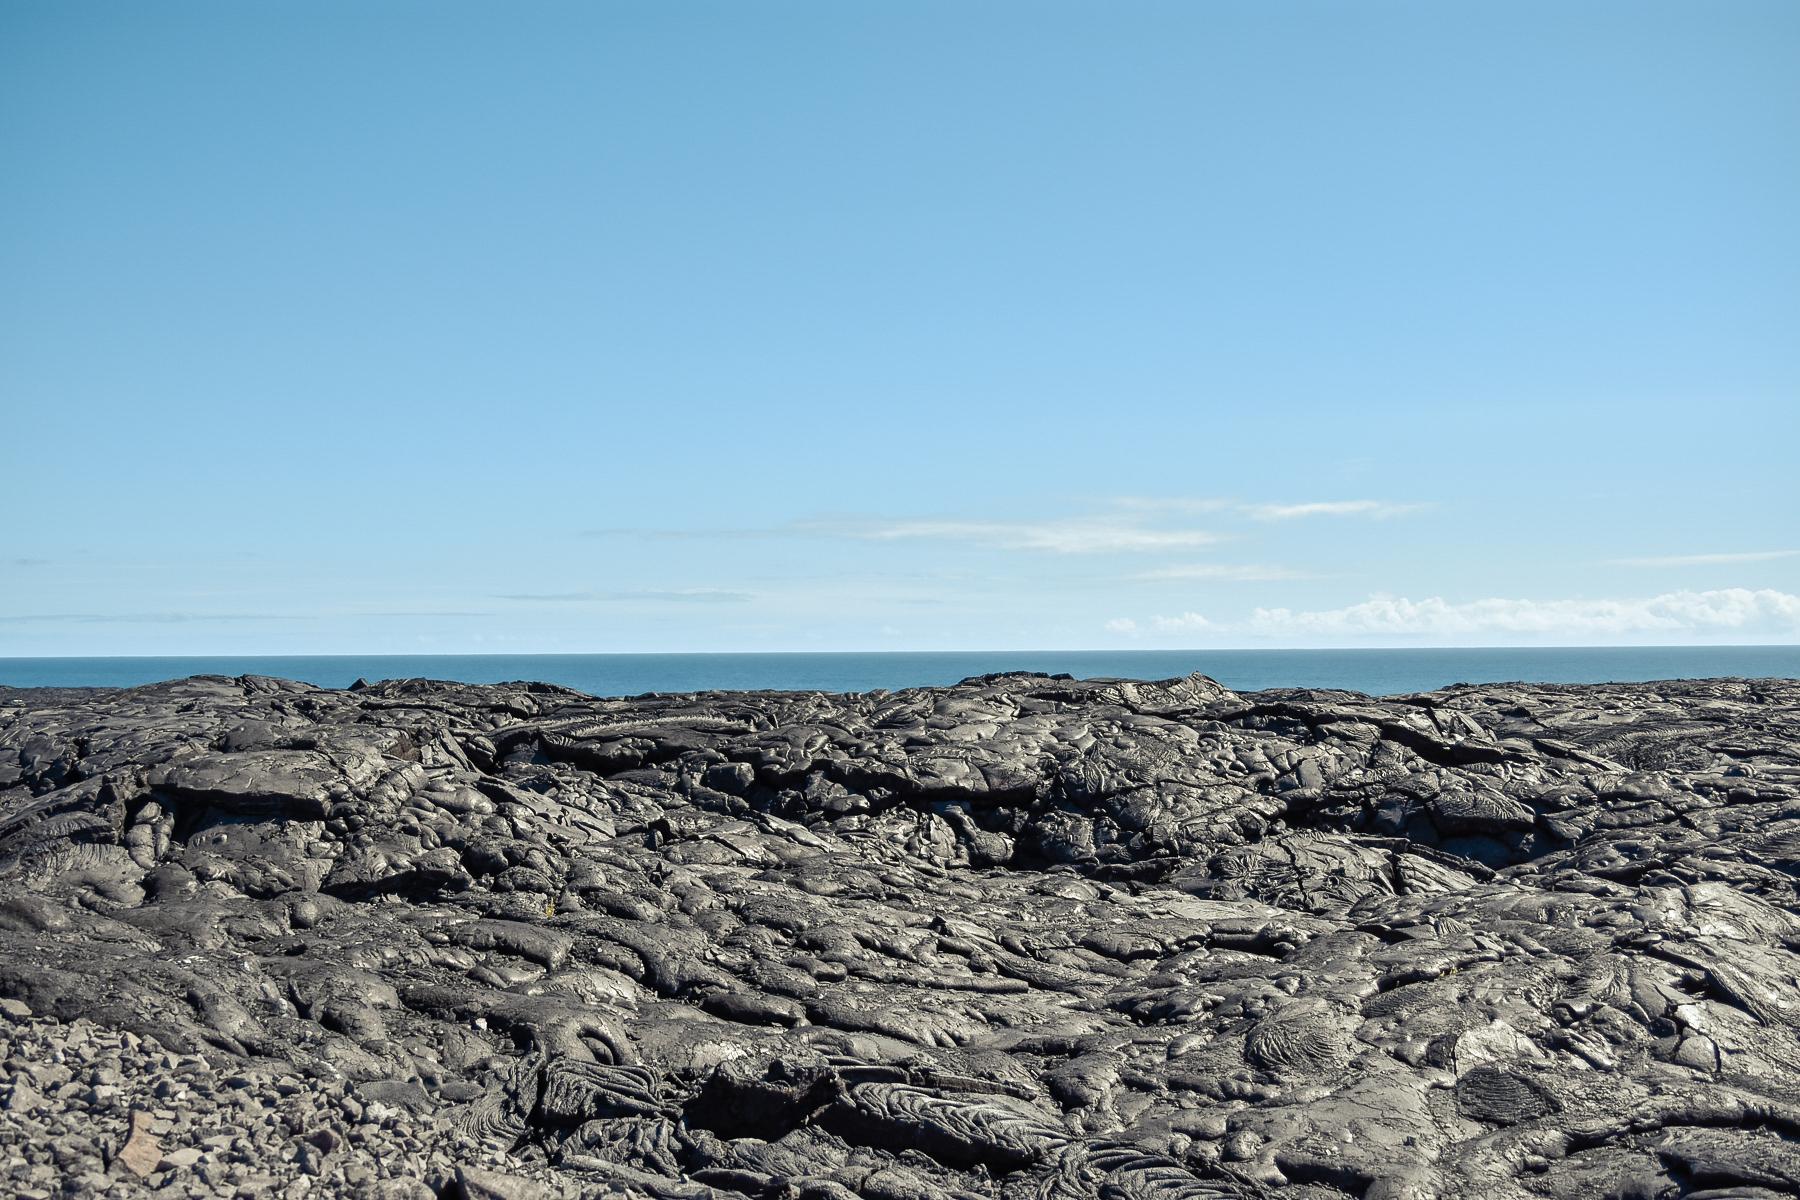 el-blog-de-silvia-blusa-azul-viaje-hawaii-08